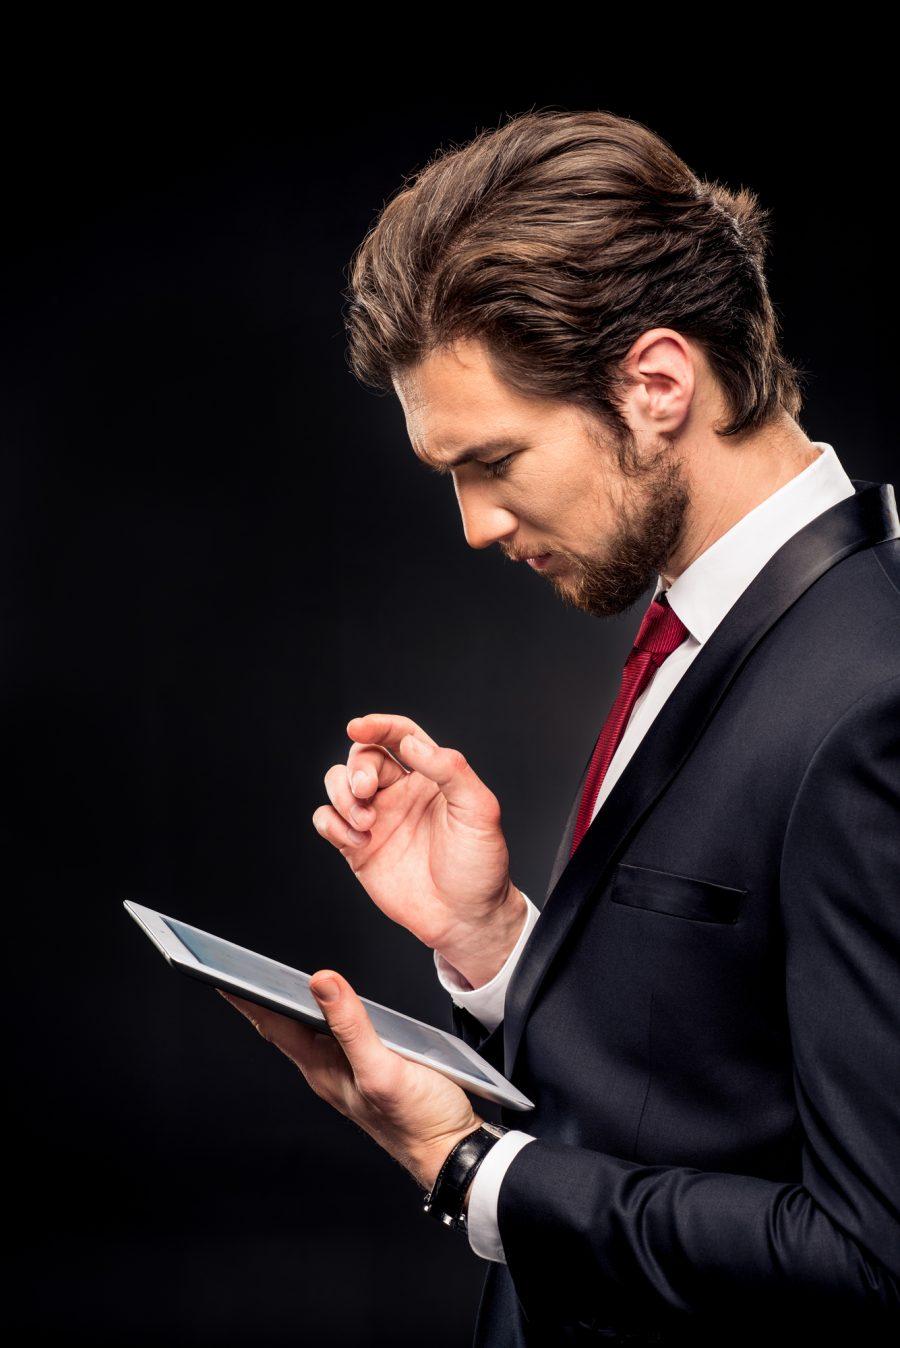 Business Man Tablet Suit